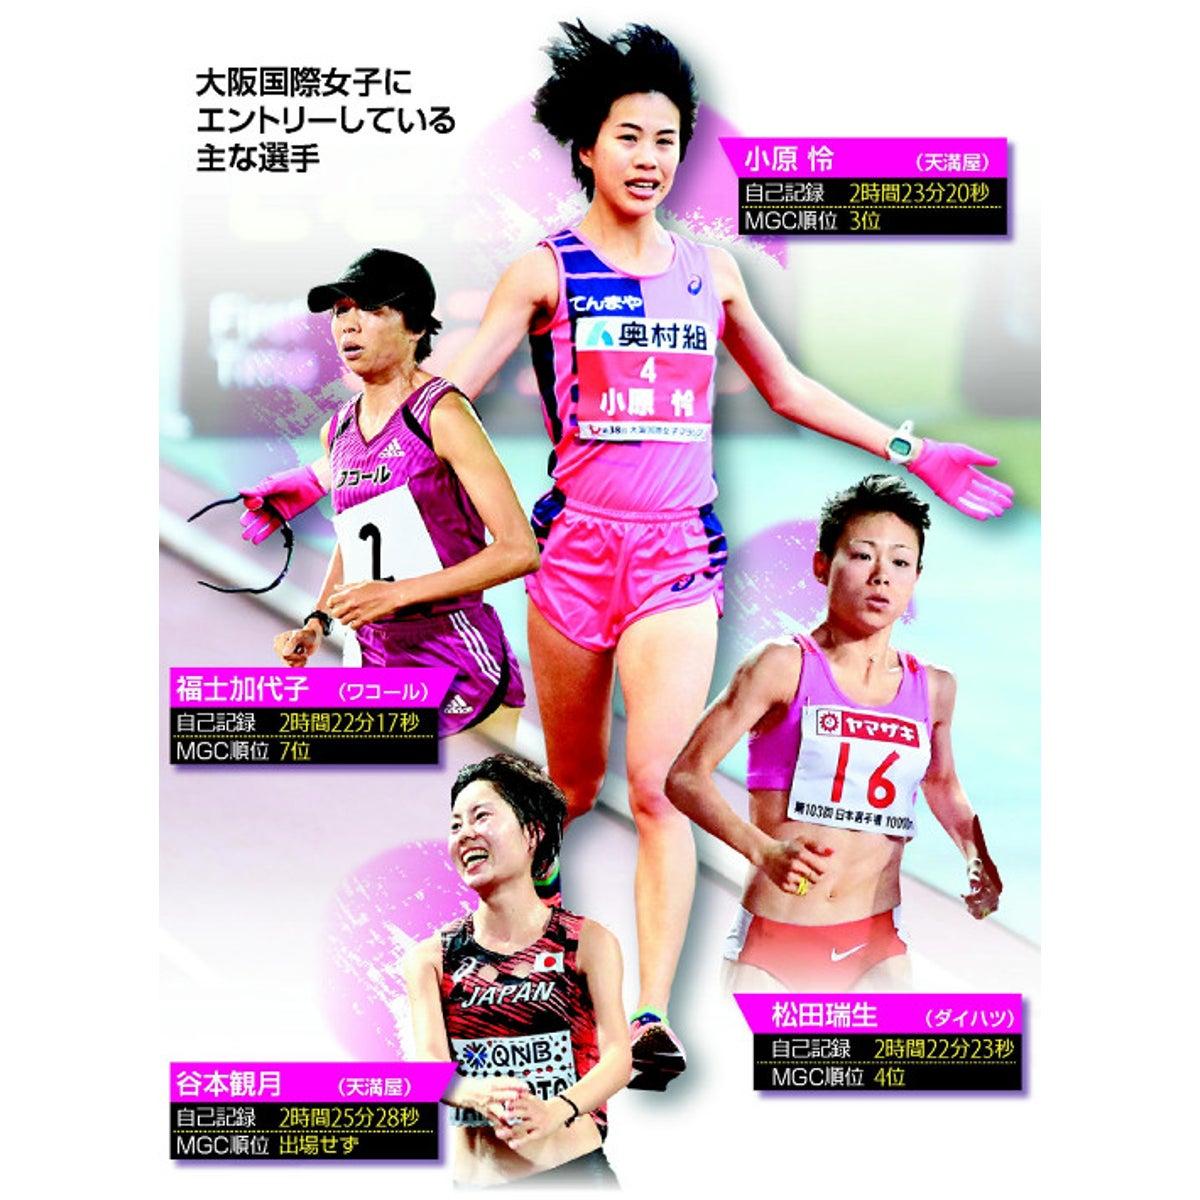 大阪 マラソン 大会